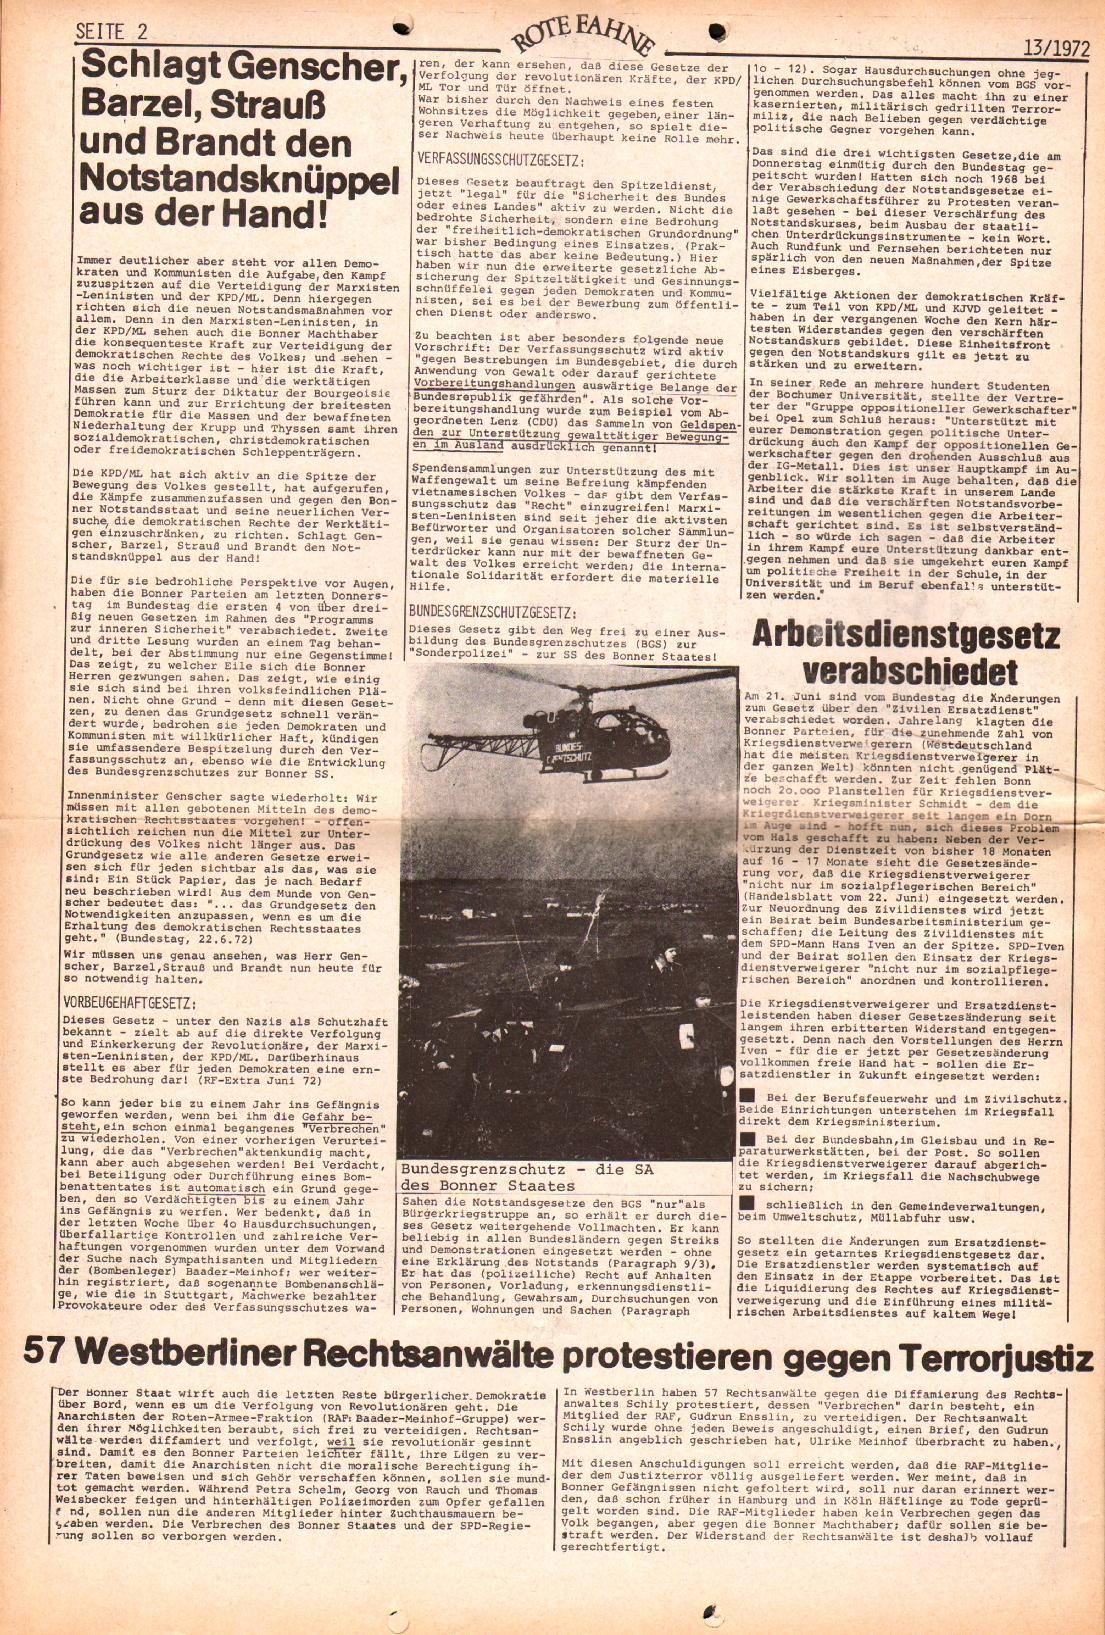 Rote Fahne, 3. Jg., 28.6.1972, Nr. 13, Seite 2